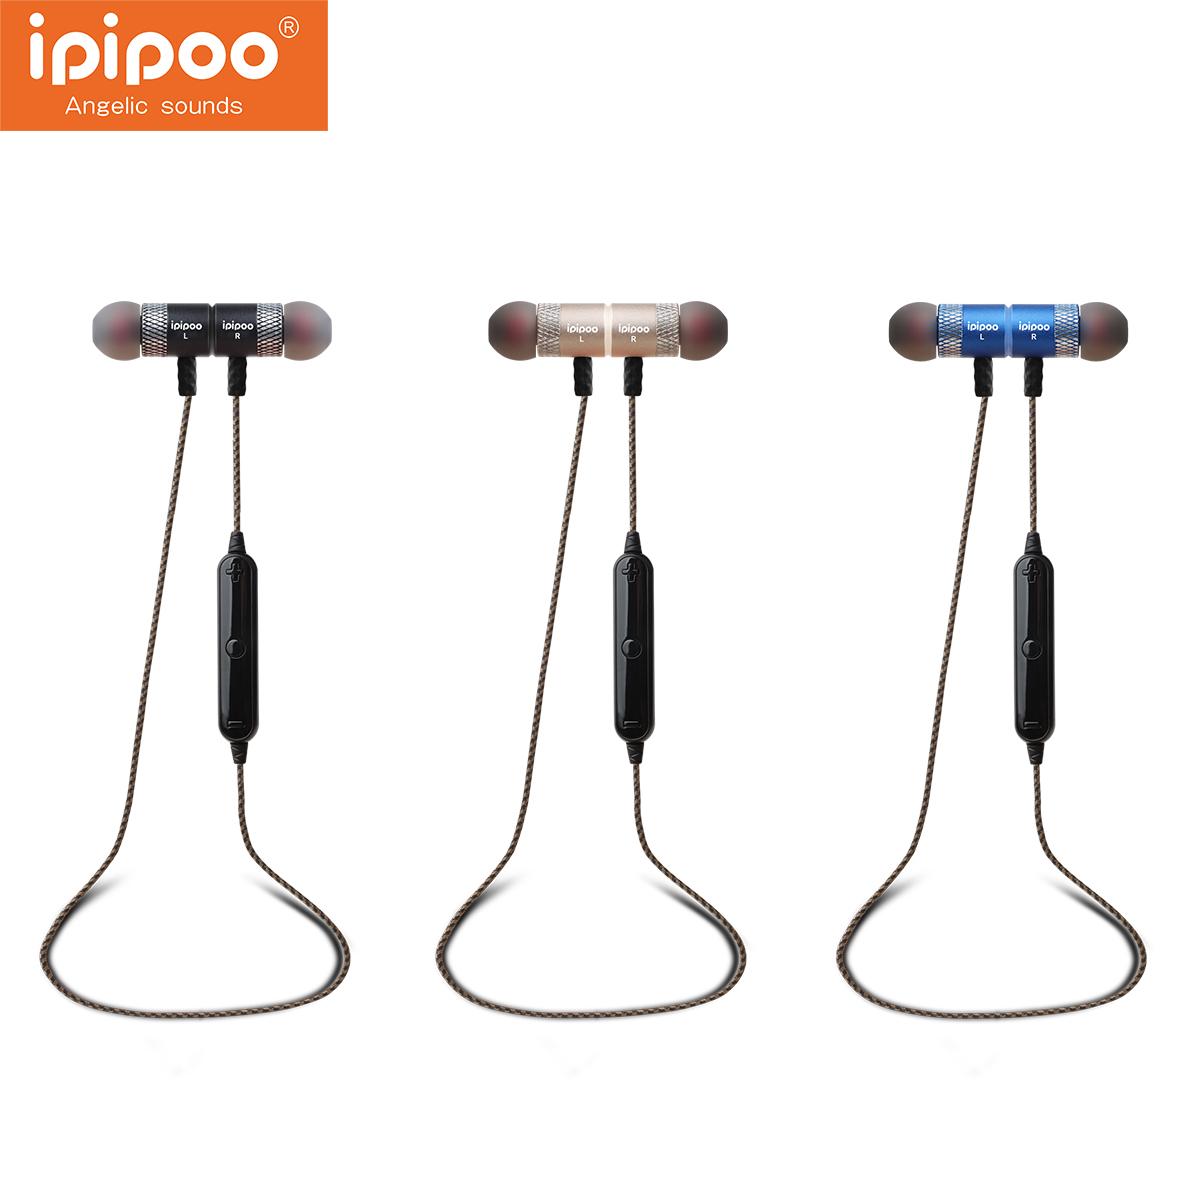 Ipipoo iL95BL Wireless Bluetooth 4.2 Earphone Earbuds S